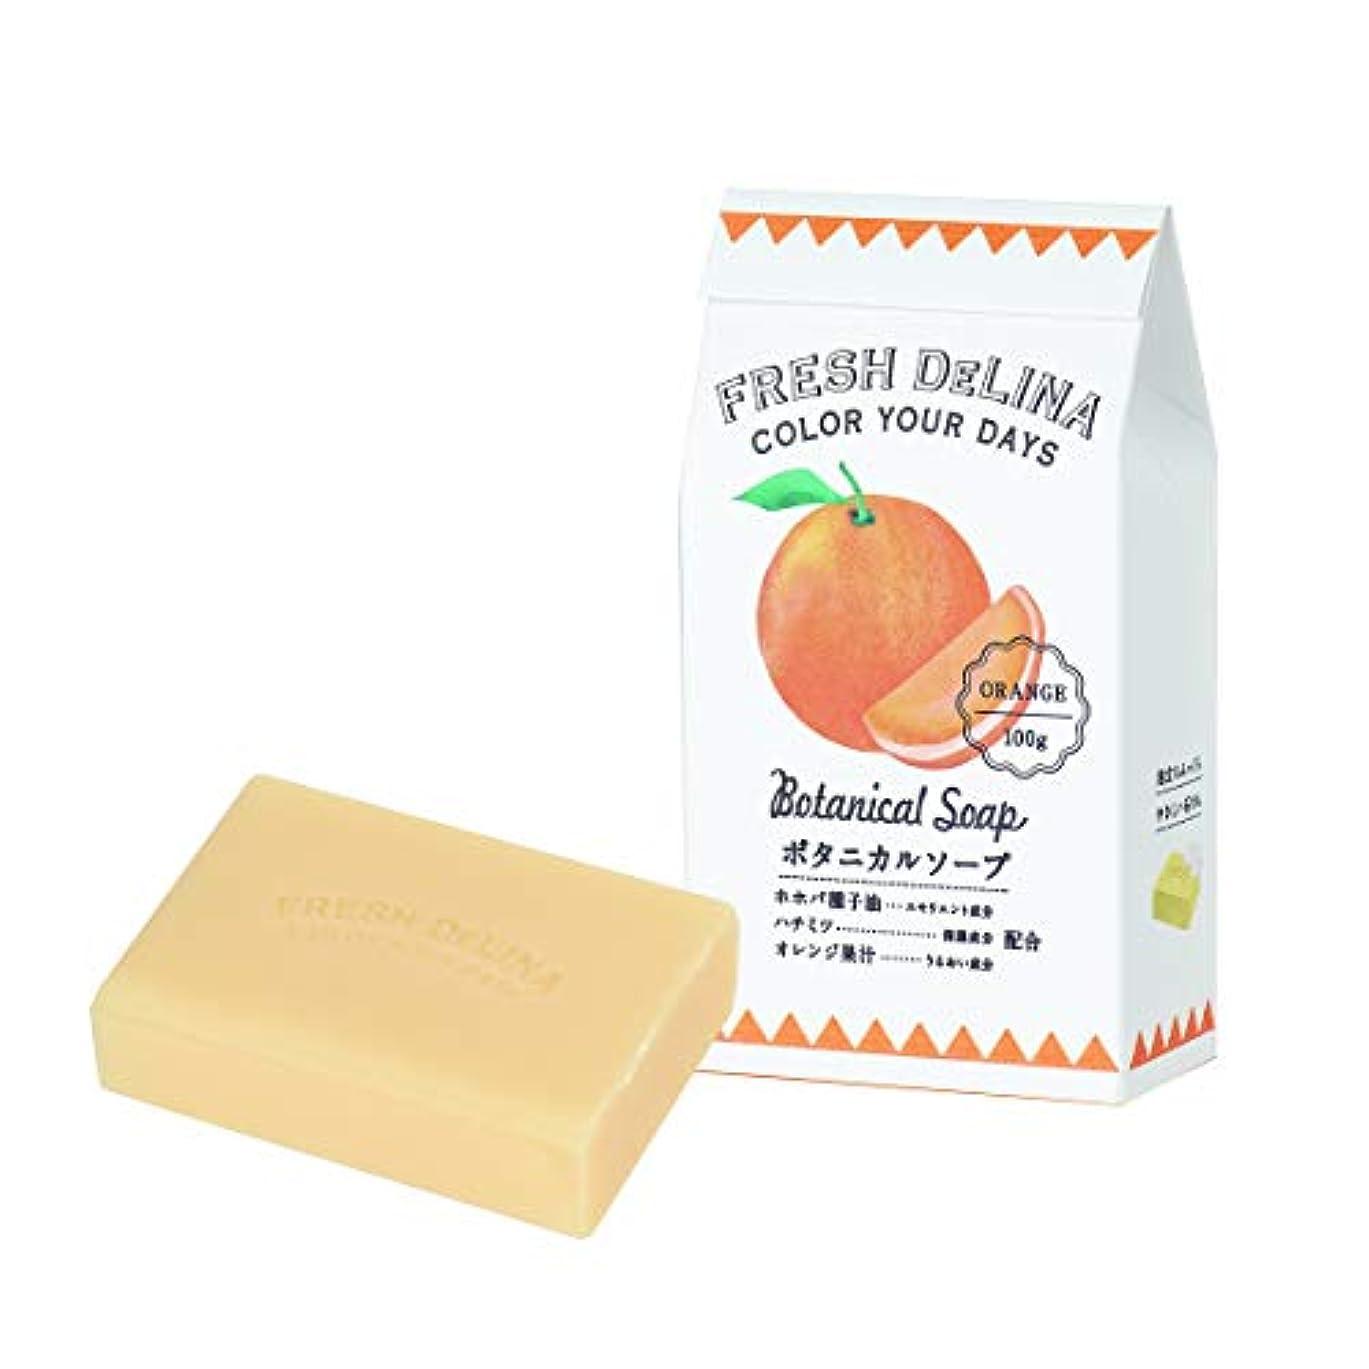 重荷批判的に休日フレッシュデリーナ ボタニカルソープ オレンジ 100g